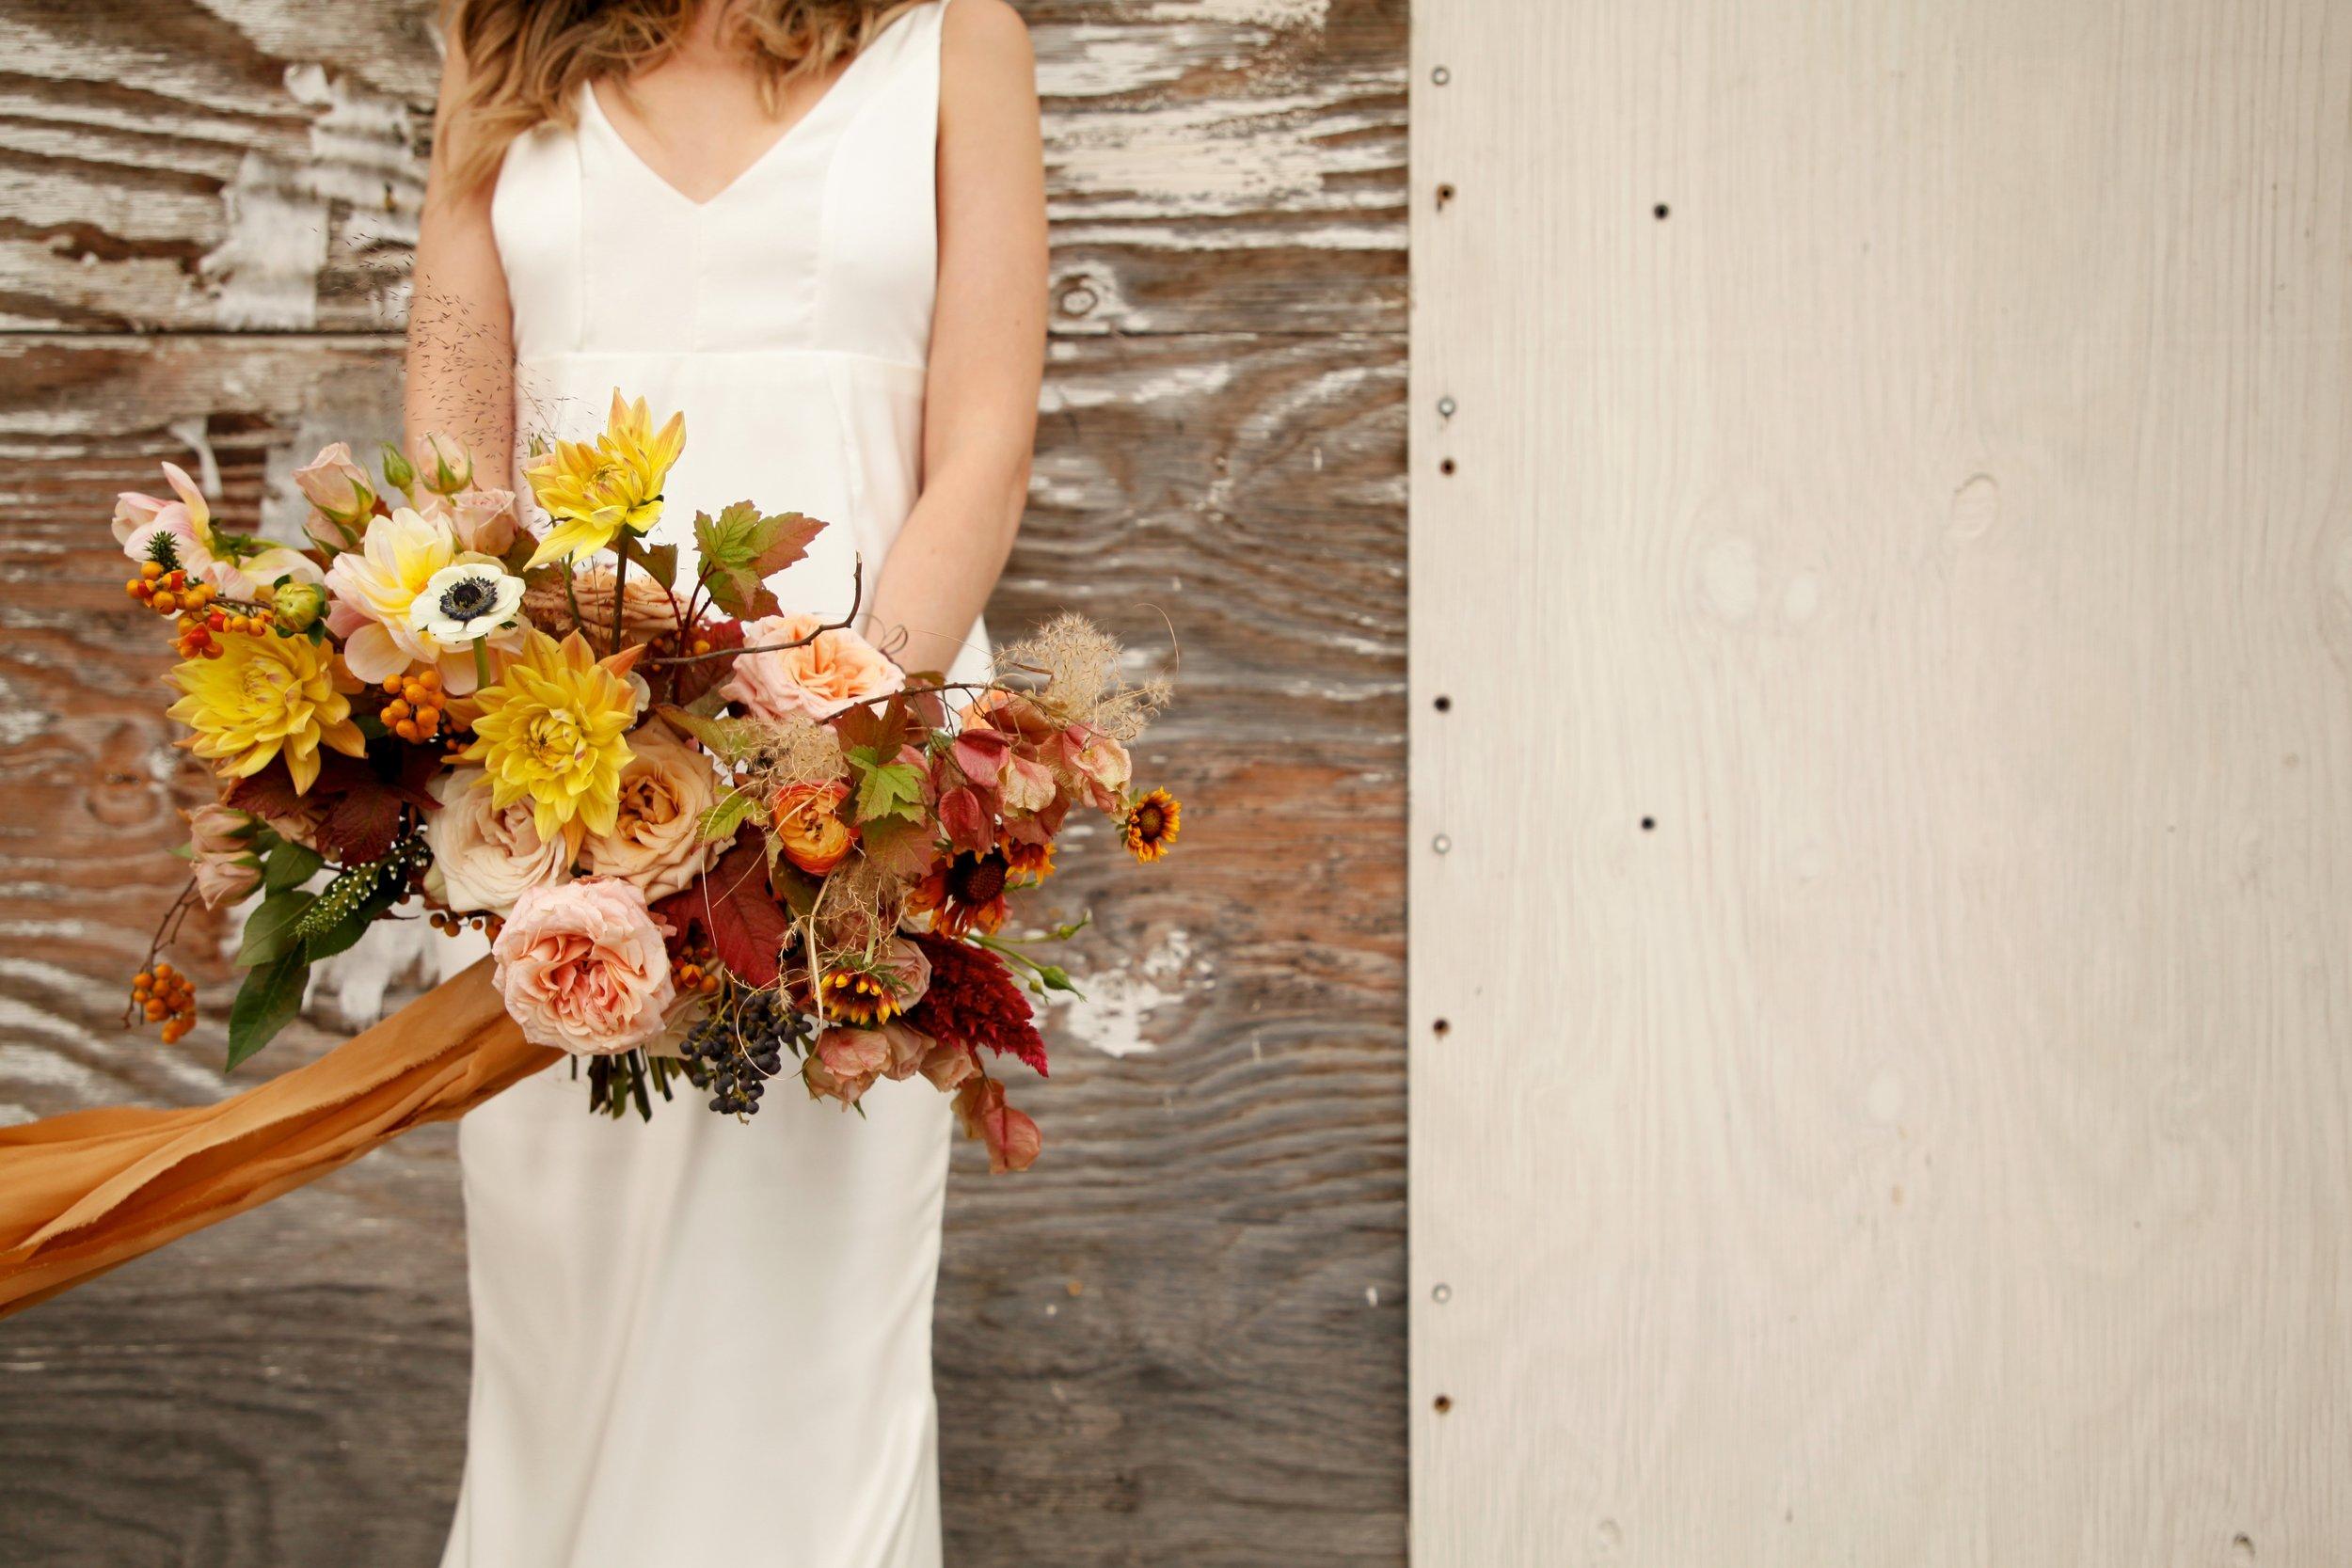 weddingbouquetyellow.jpg